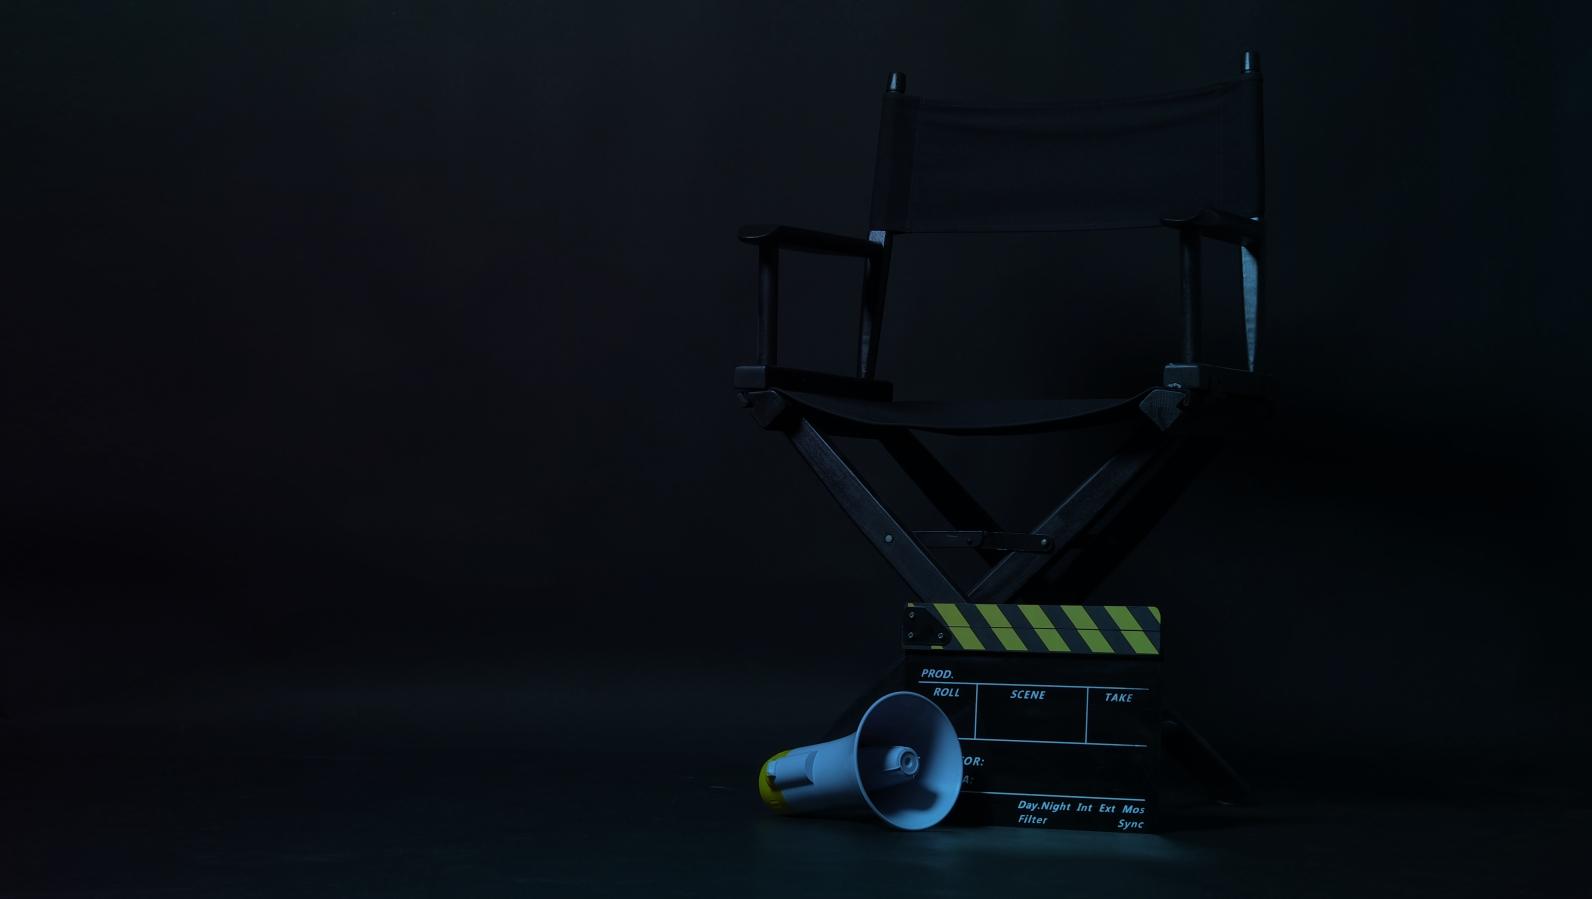 ¿Qué tipos de vídeo puedo utilizar en formación?